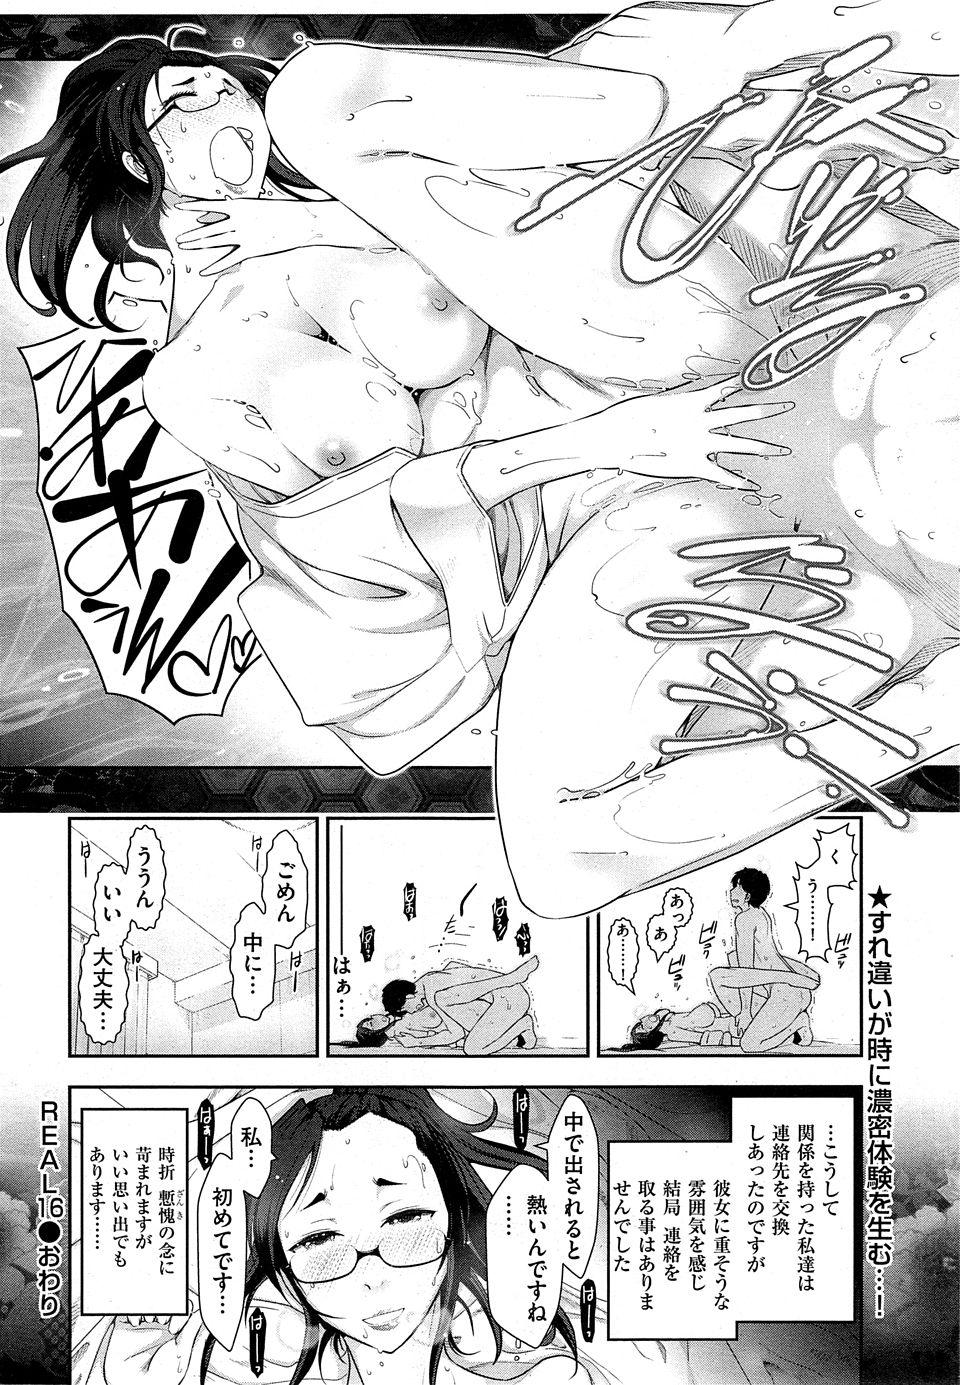 【エロ漫画・エロ同人】出張で泊まった先の巨乳支配人とエッチな展開になったンゴwww (20)